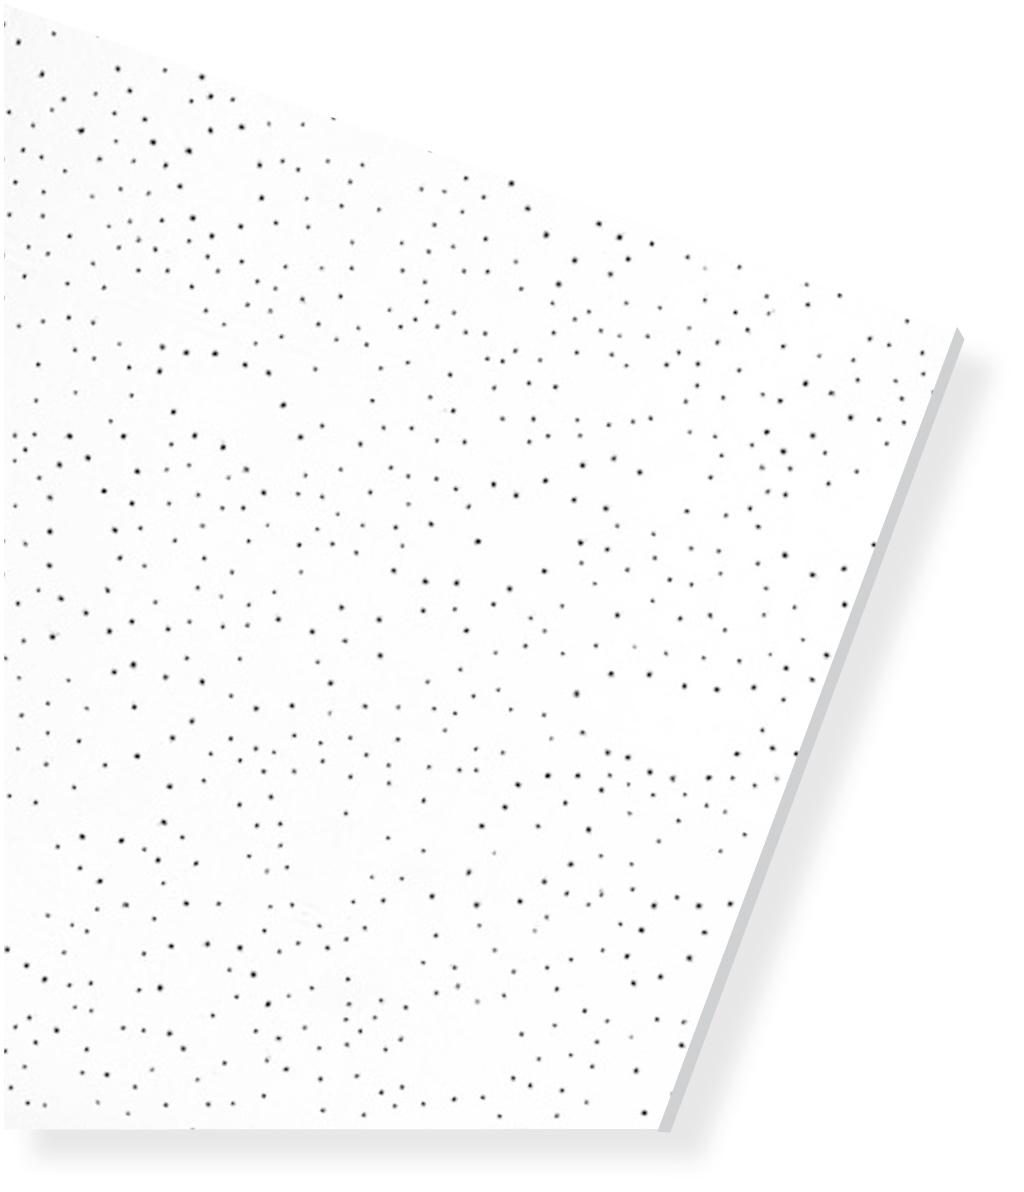 Stropna ploča mineralna  THERMATEX STAR SK, 15x600x600 mm, 5,04m2,  AMF